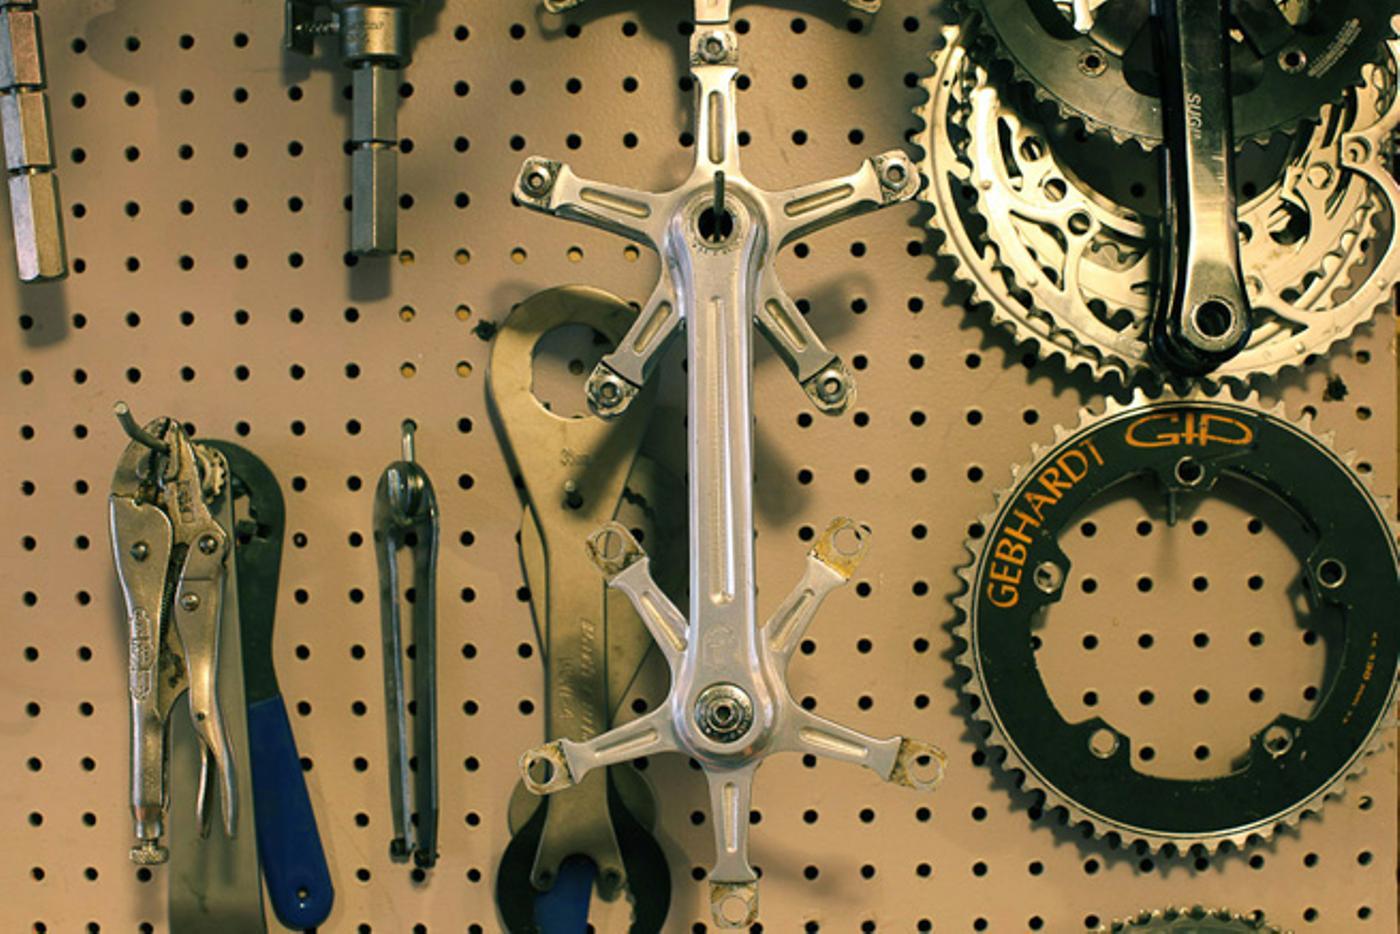 Every Bike Shop Has One Photo